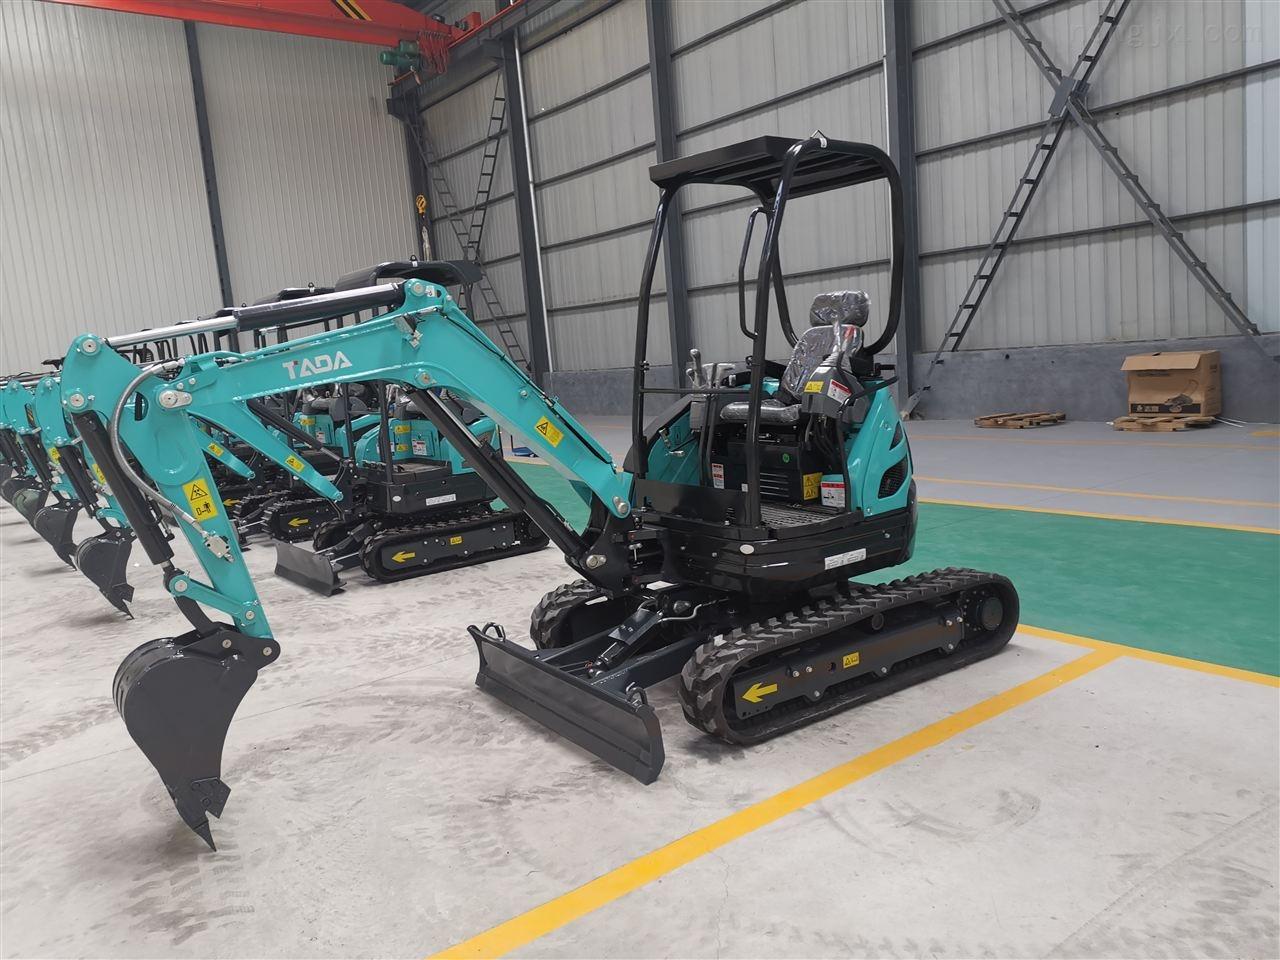 进口配置小型挖掘机价格优惠 厂家现货直销